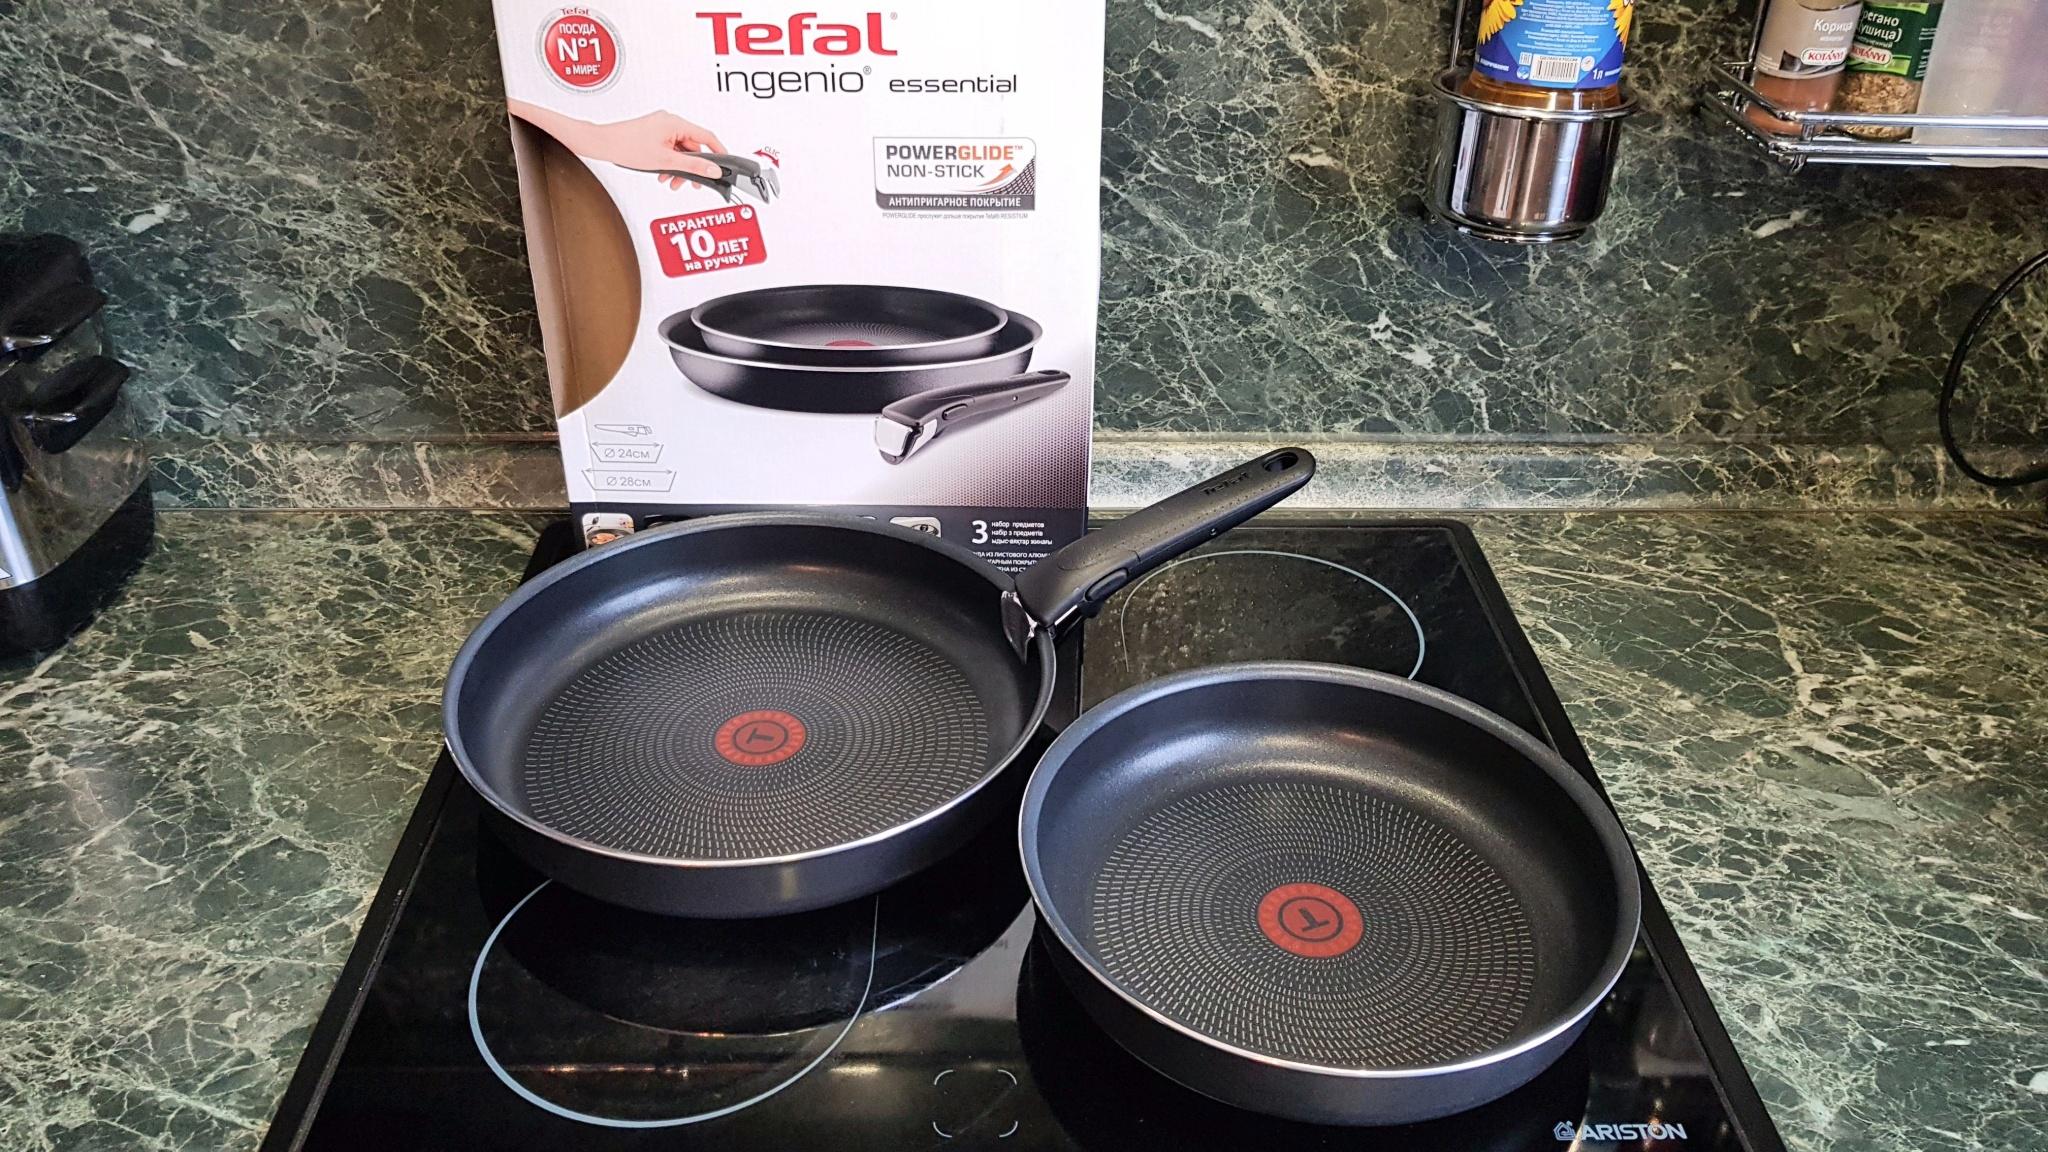 Набор сковородок Tefal Ingenio